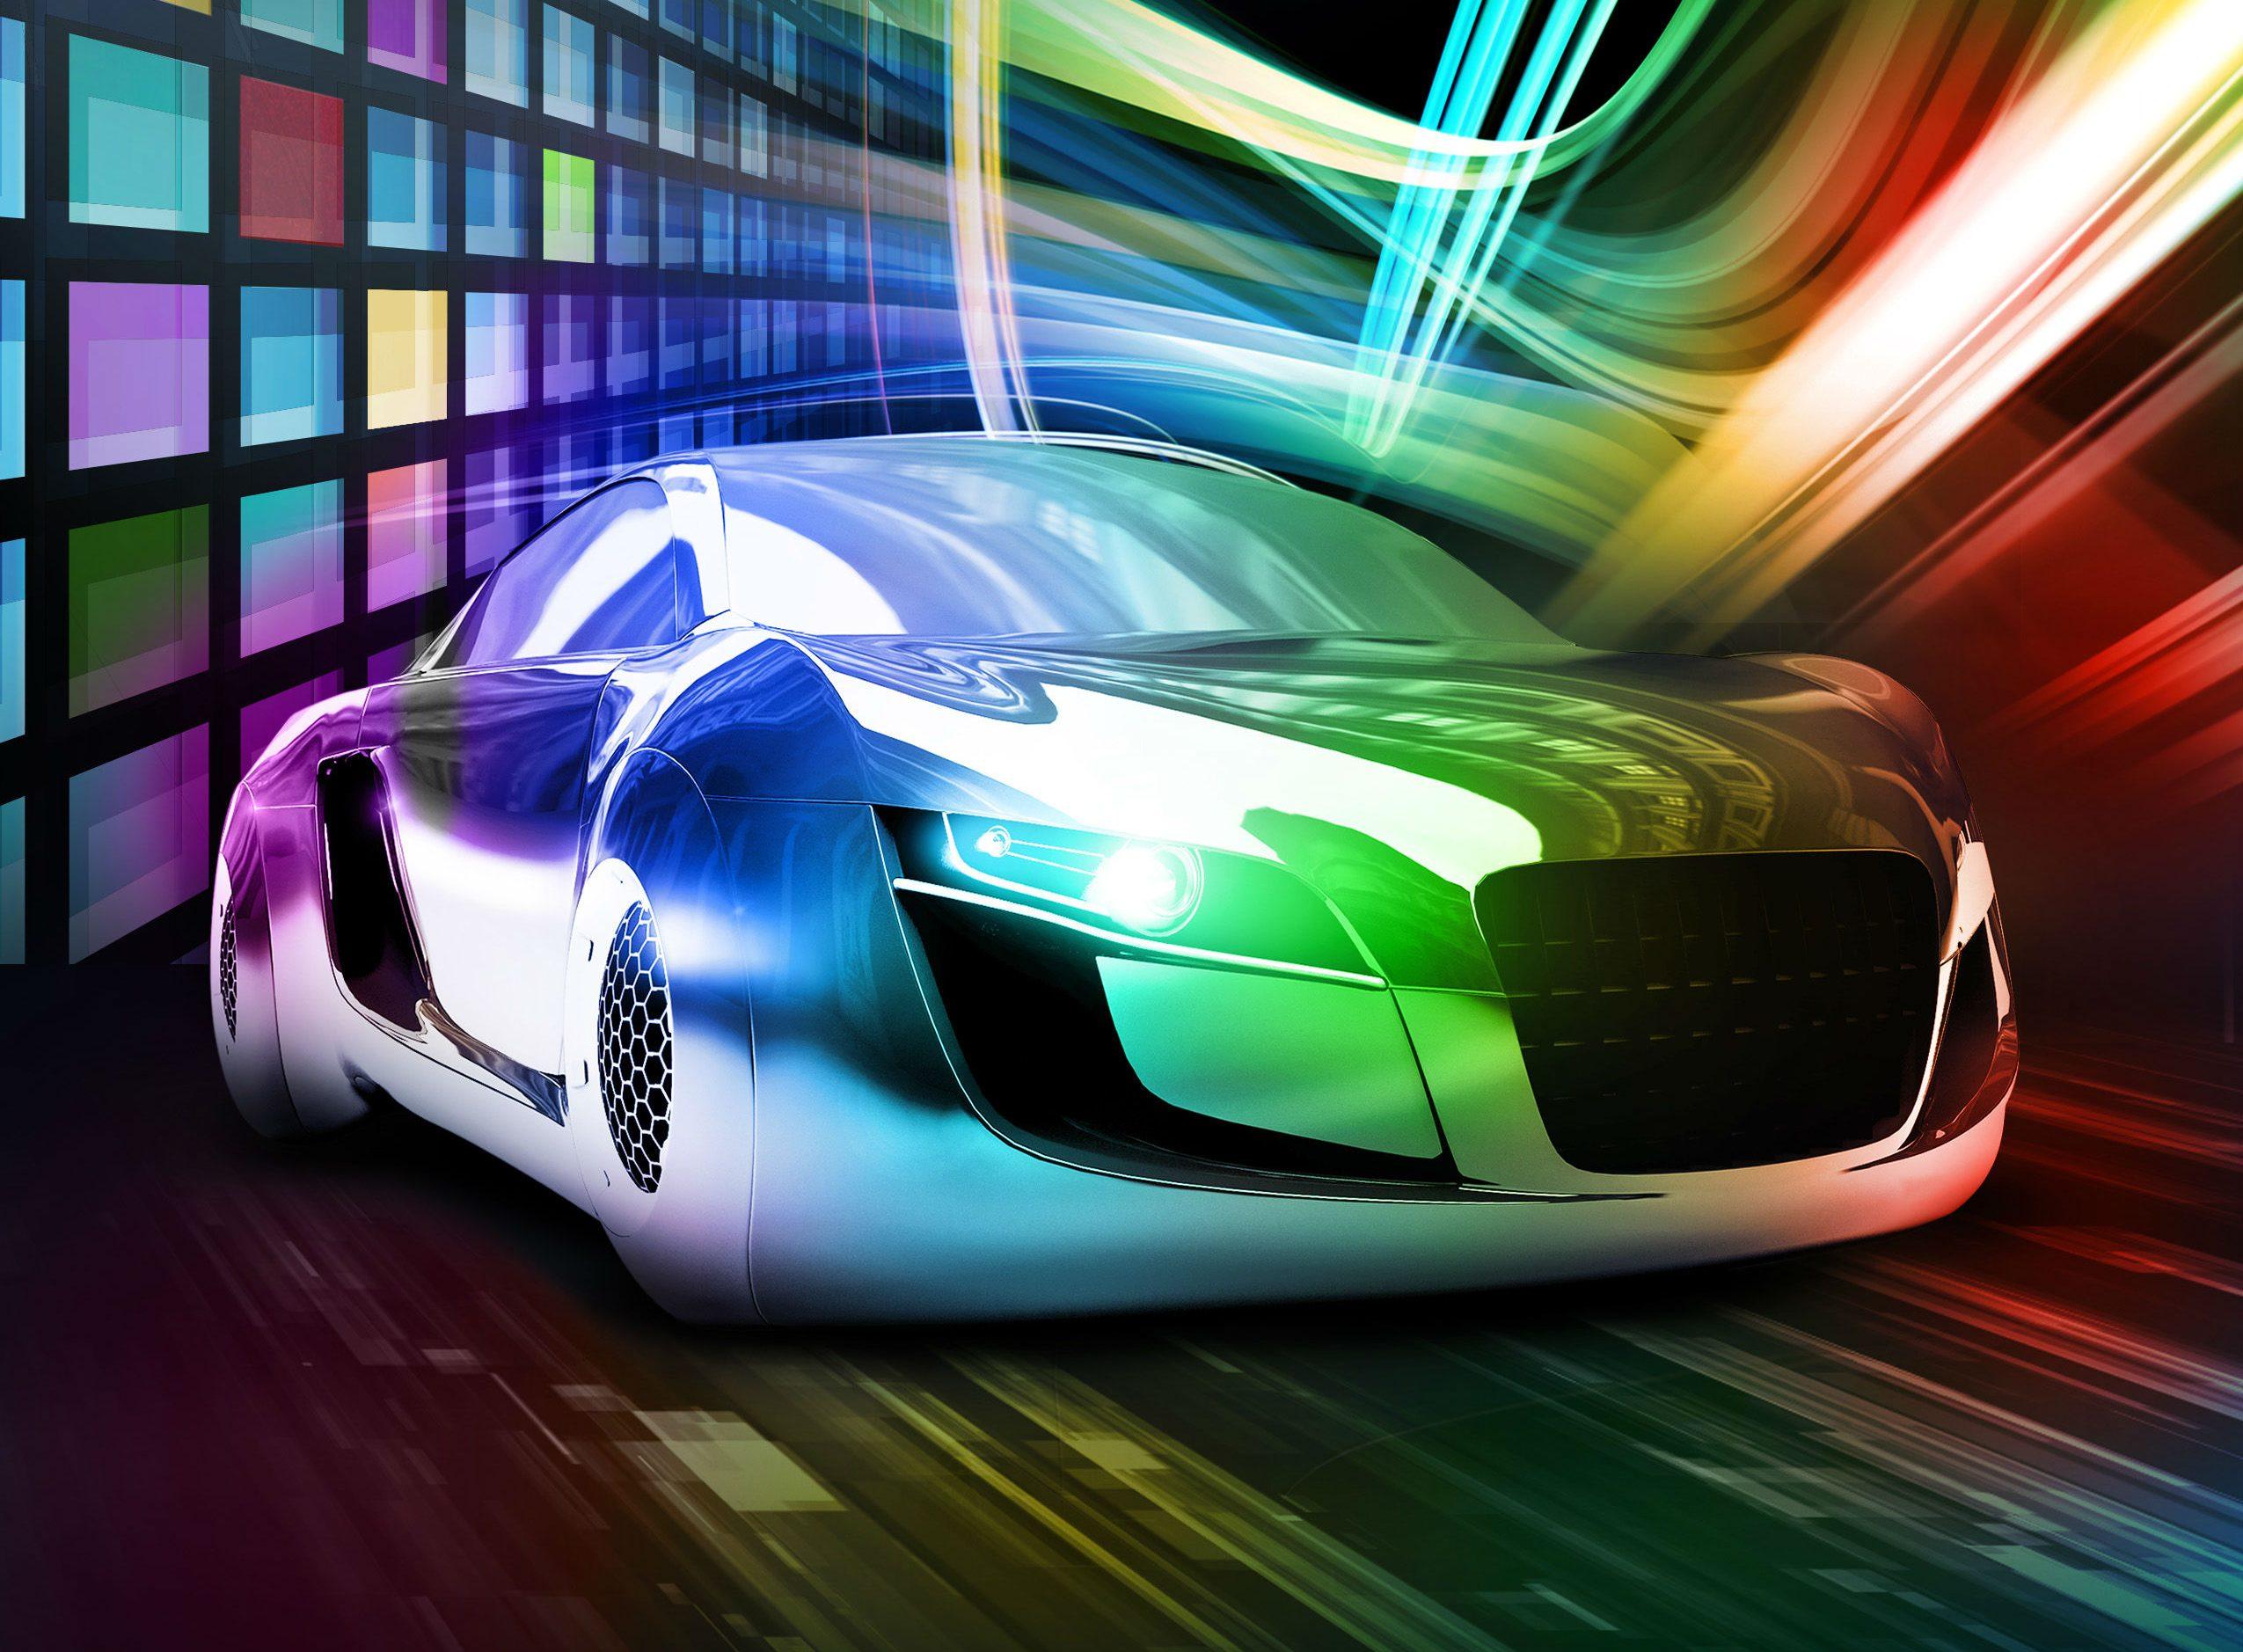 Tulevaisuuden auto